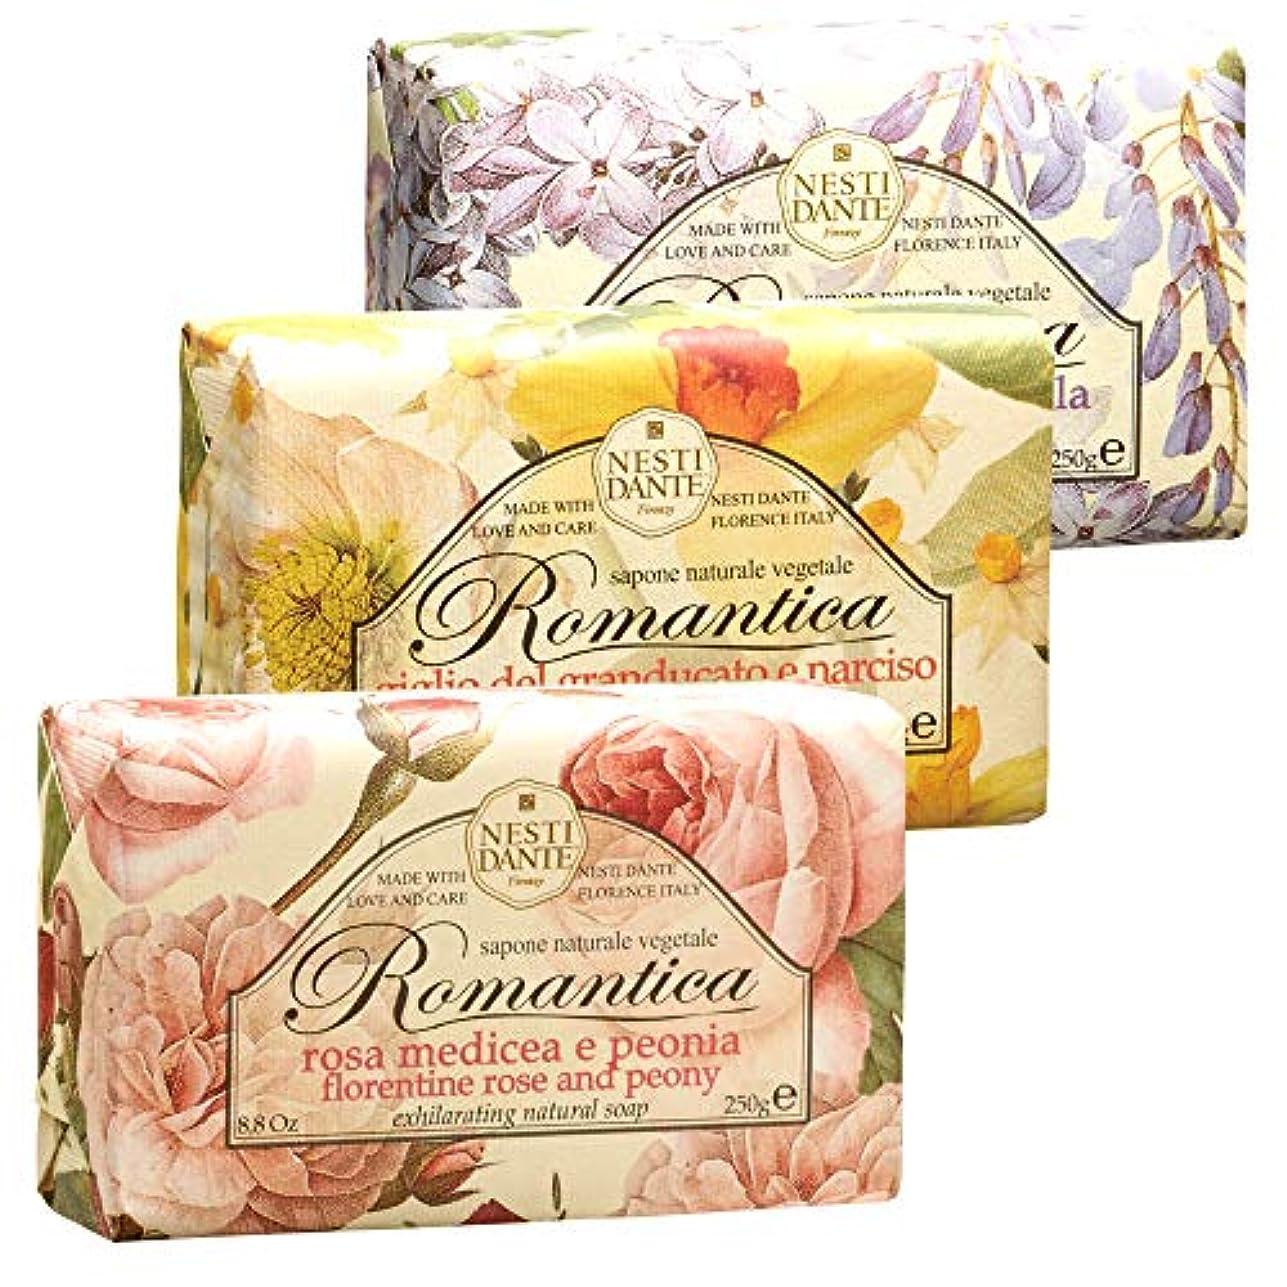 住居を必要としています陰気イタリアお土産 ネスティ ロマンティカソープ 3種セット